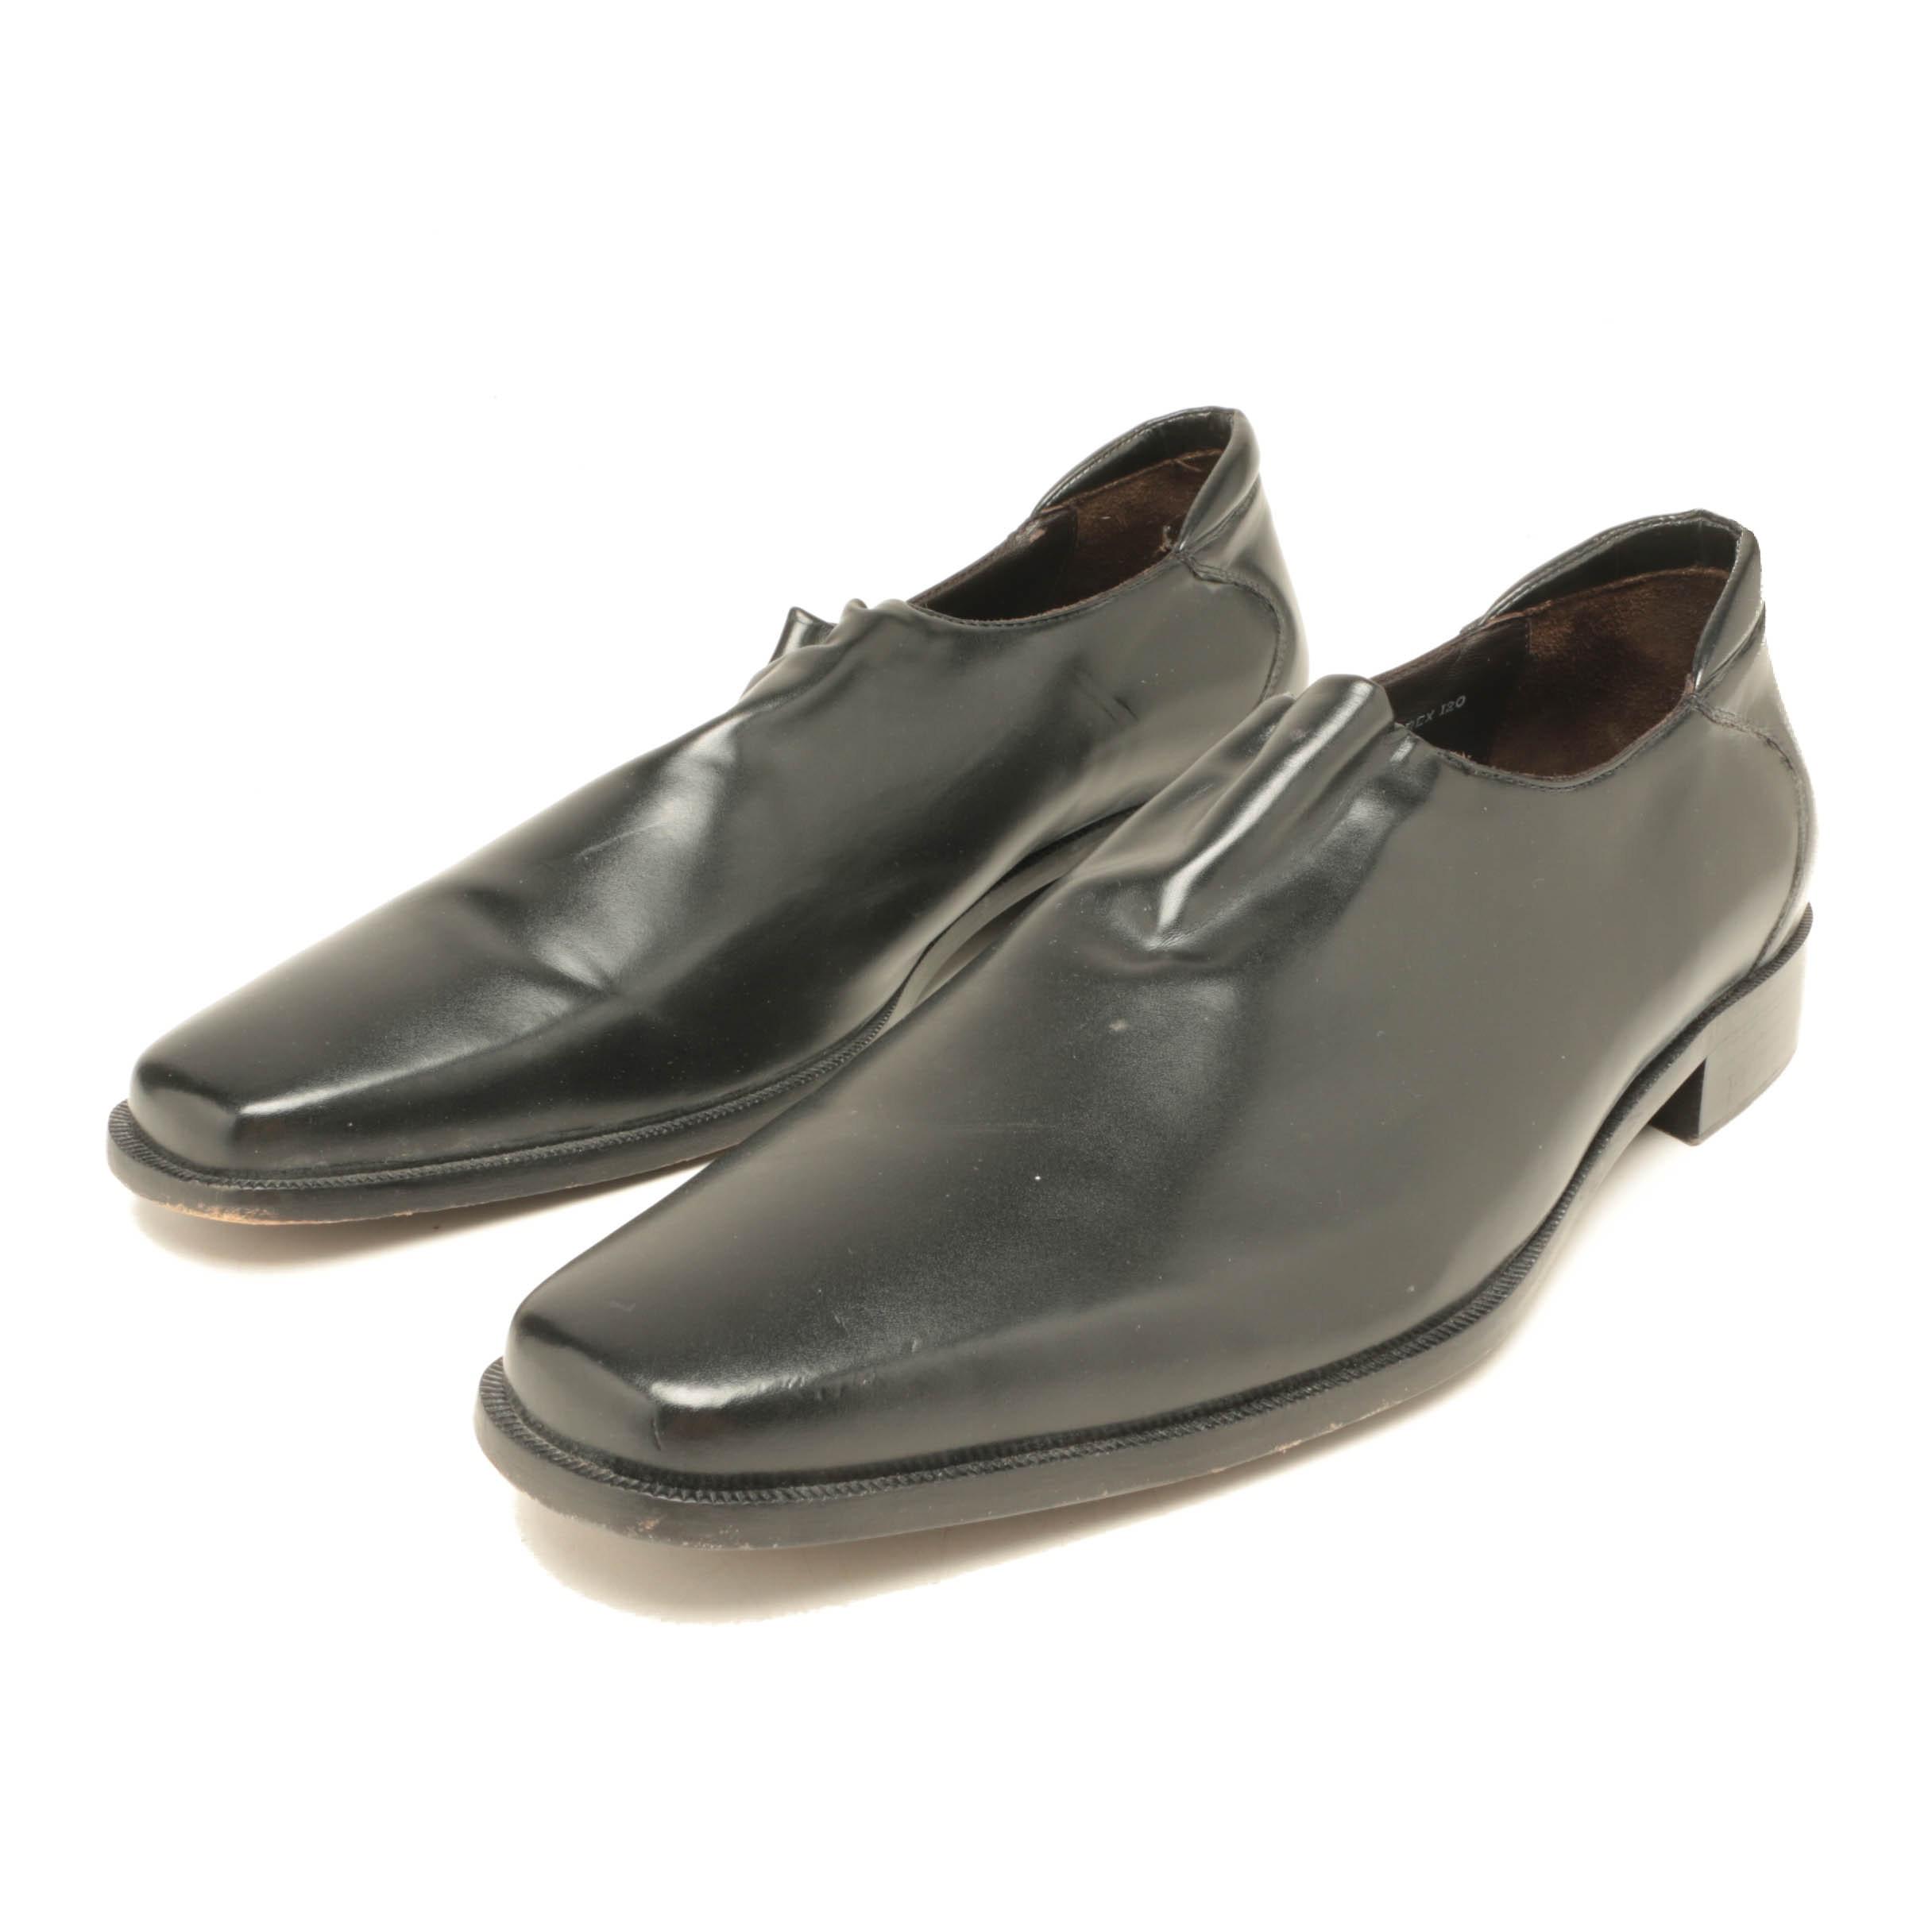 Donald J. Pliner Black Leather Loafers